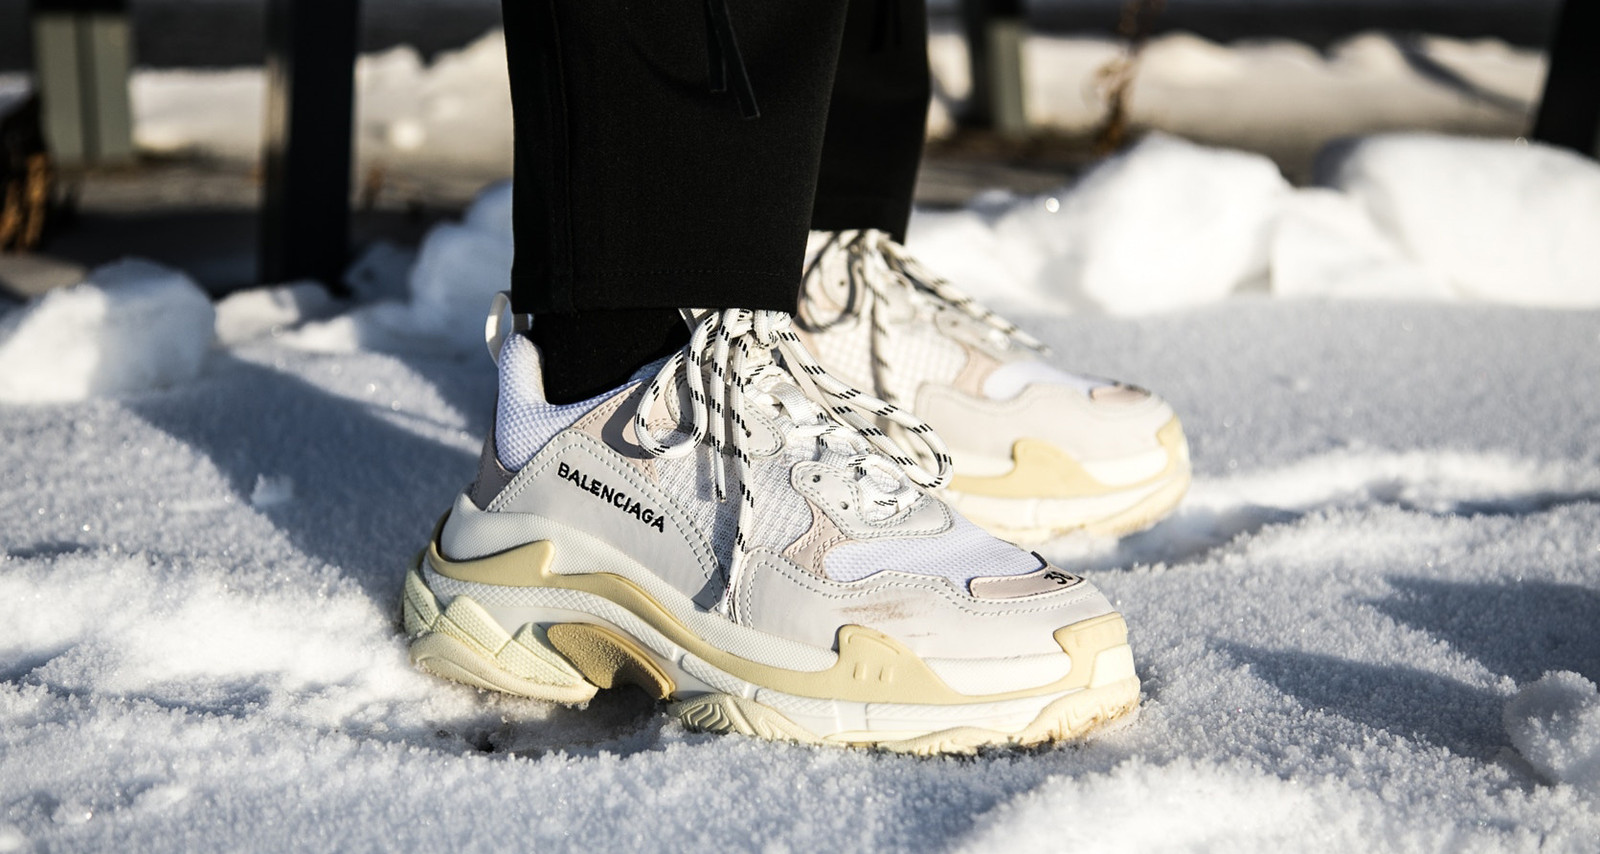 Chunky Sneakers Trend 2018 Balenciaga Triple S ... 7fad0aa8990a